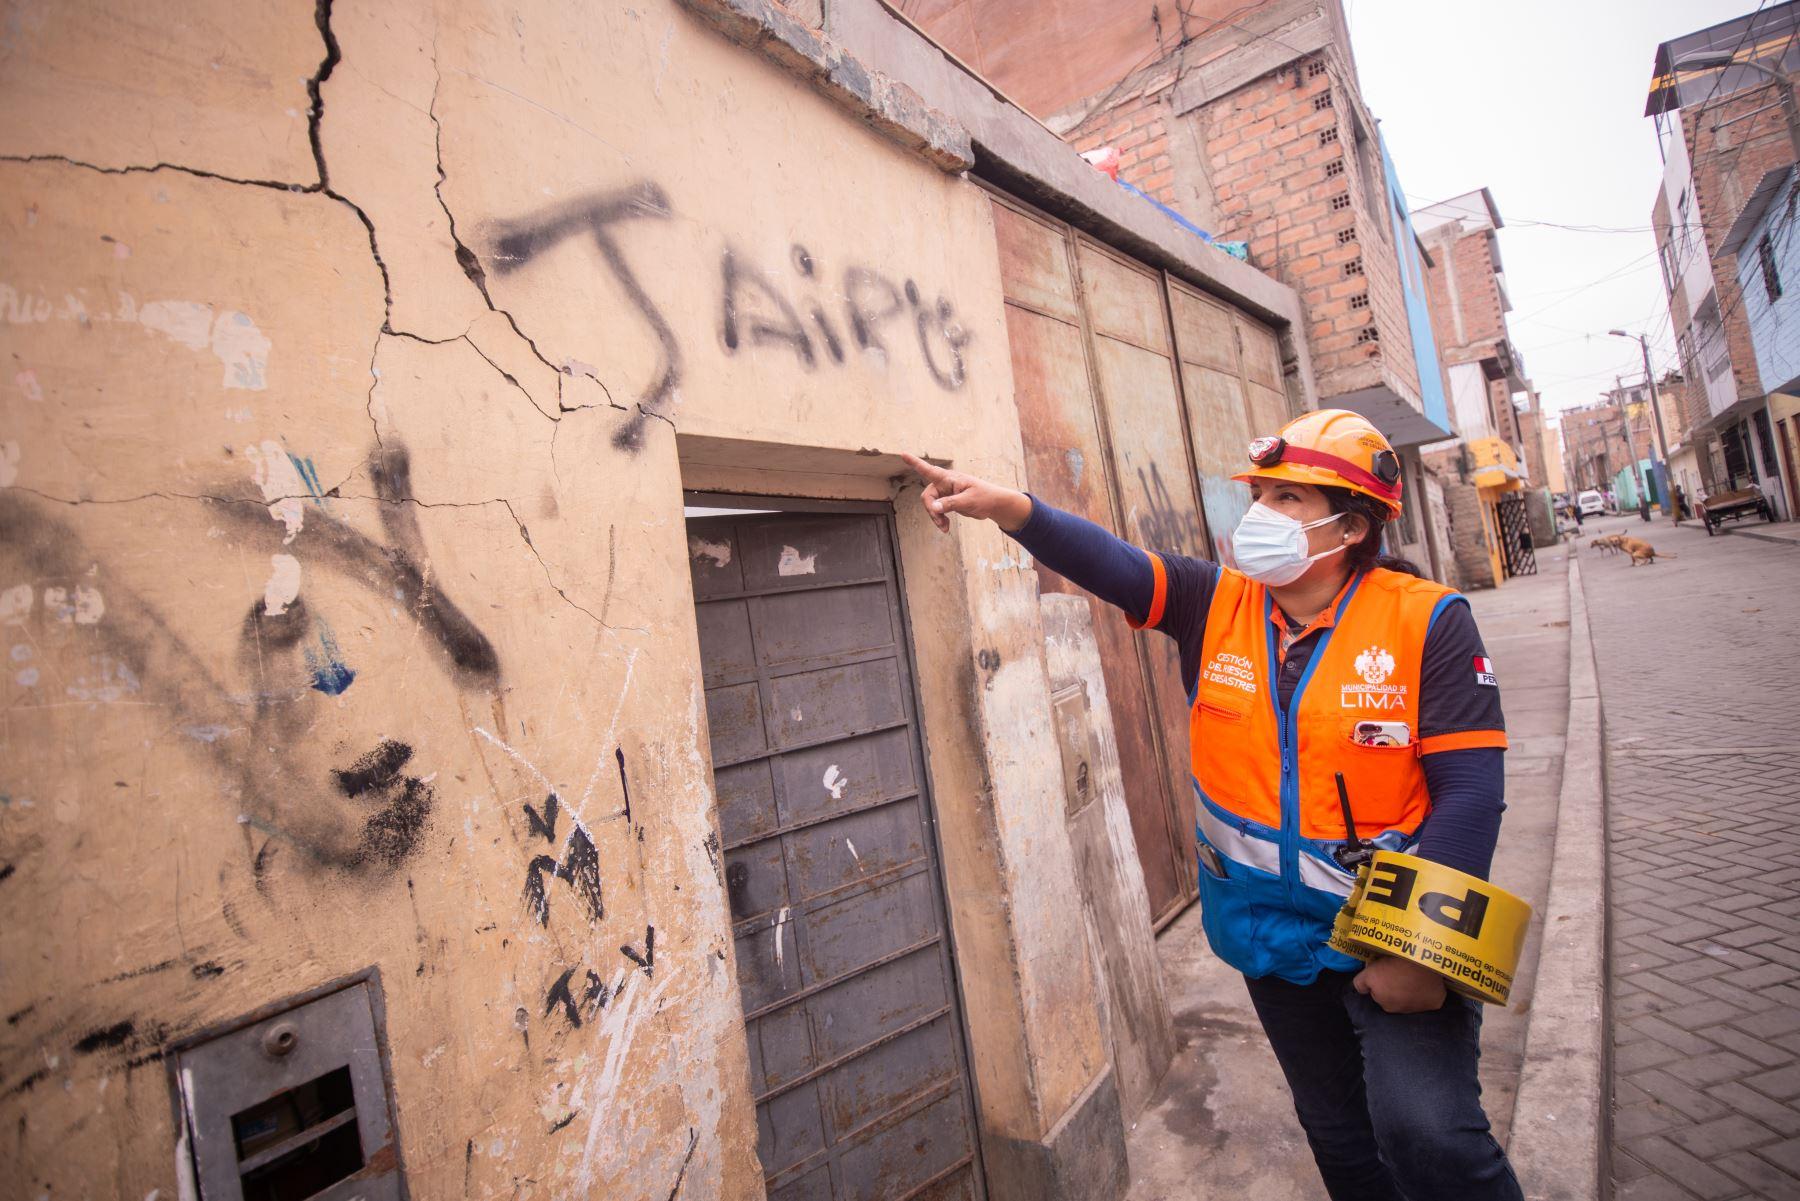 La Municipalidad de Lima supervisa daños en propiedades del Cercado de Lima luego de sismo de anoche que alertó a vecinos de toda la capital. Foto: MML